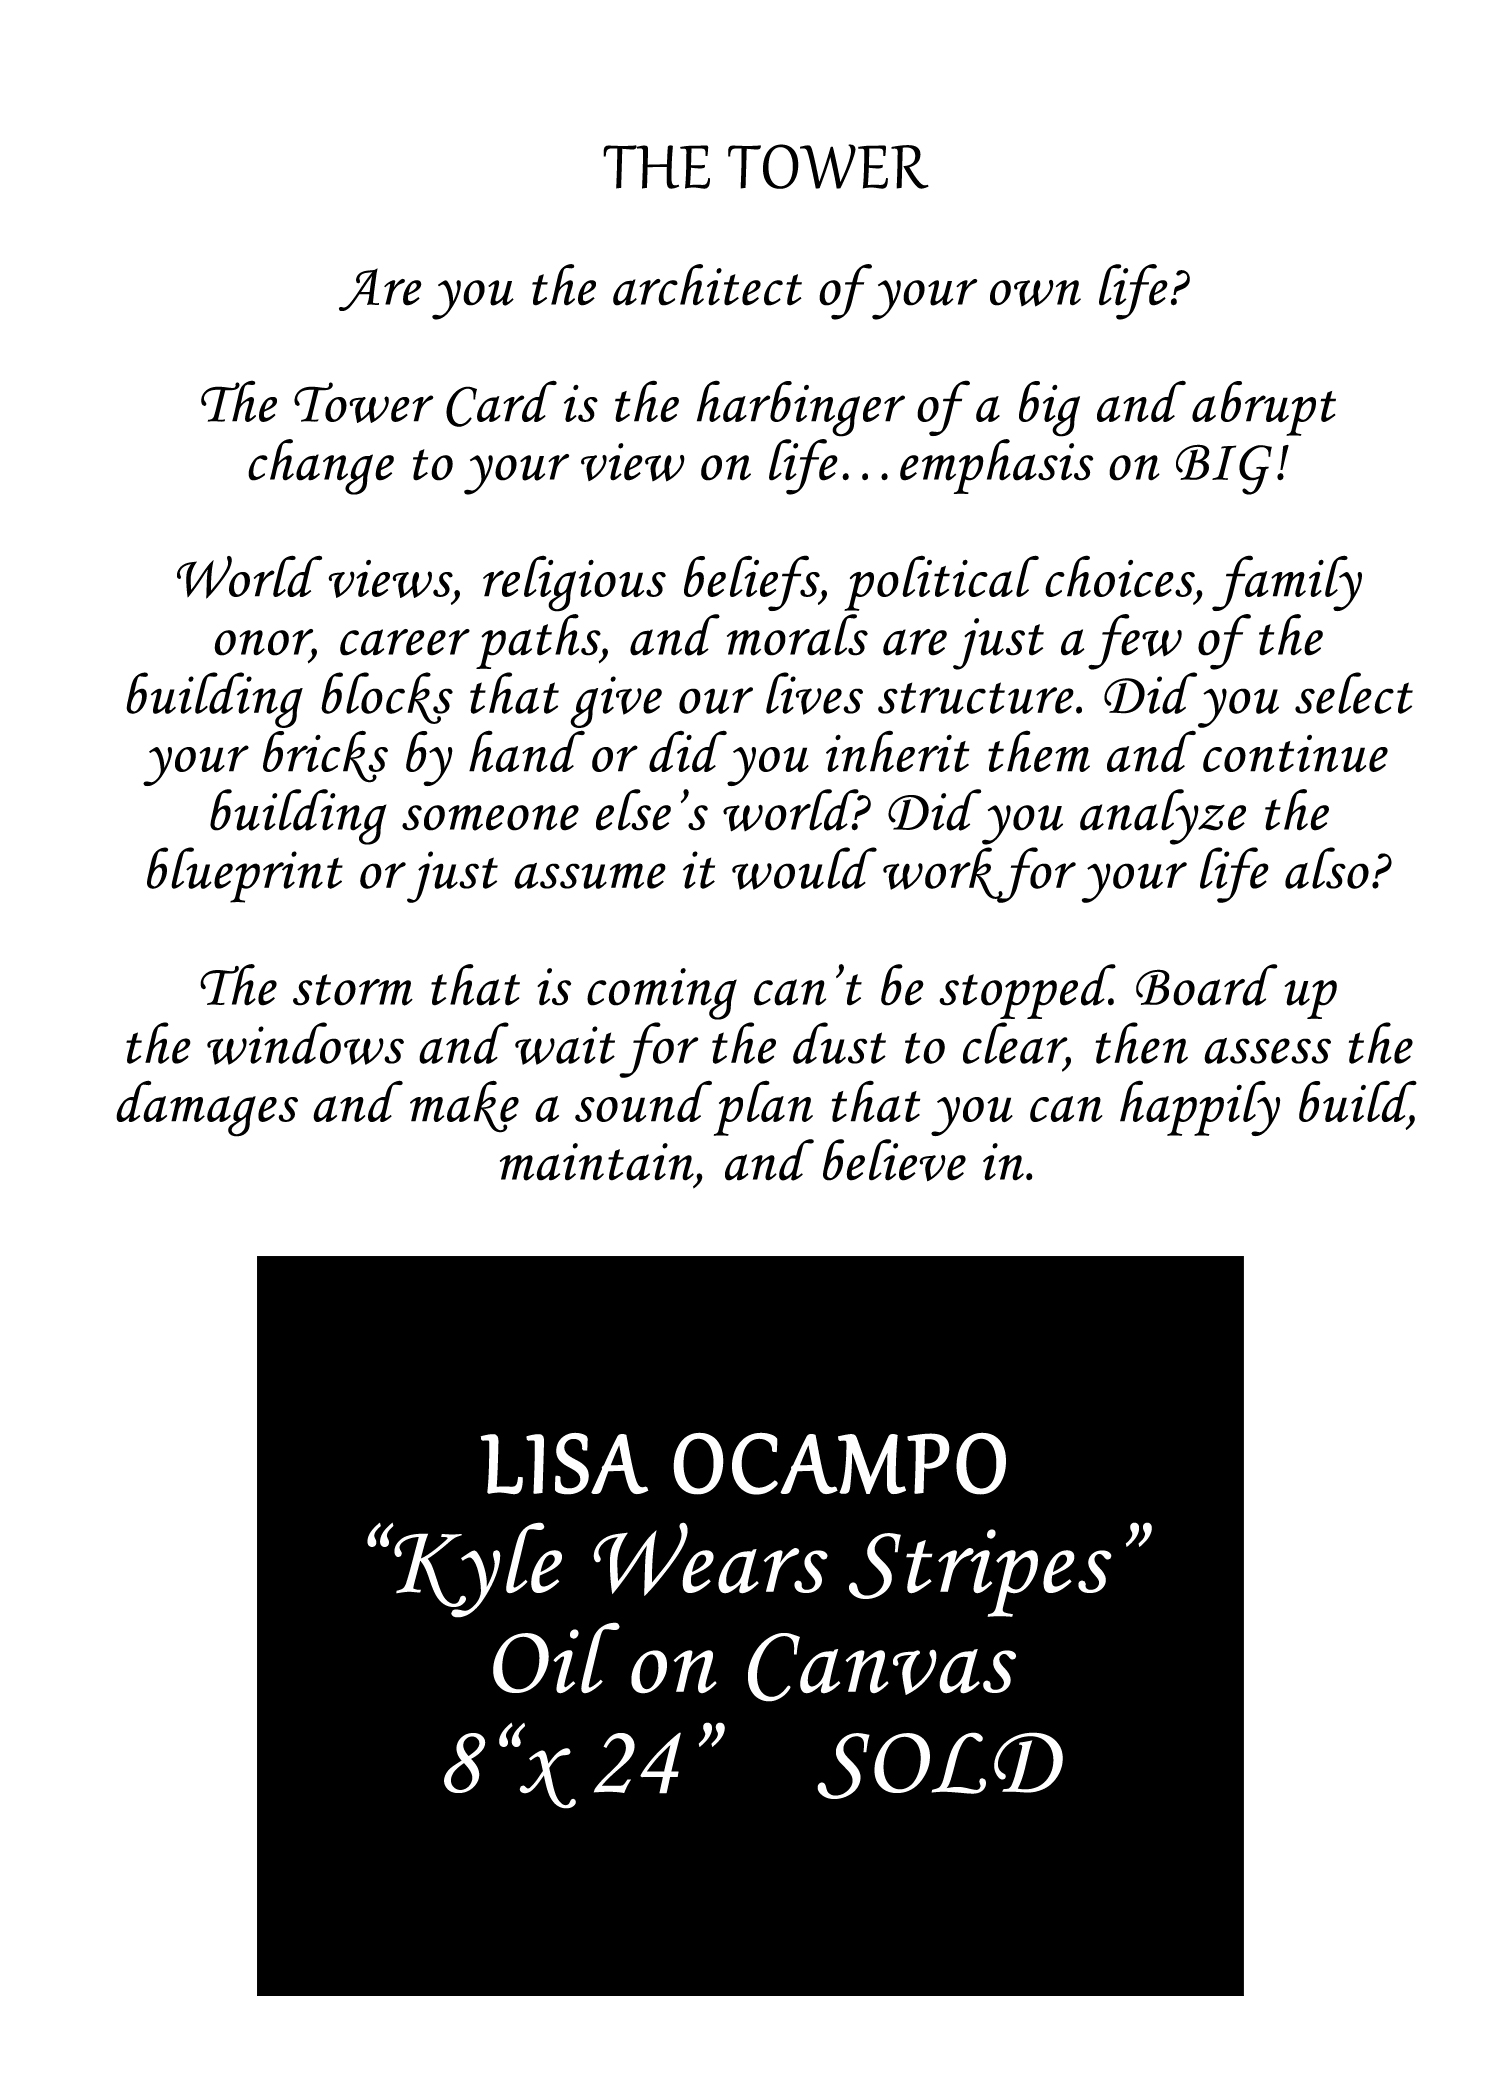 Lisa-Ocampo-Kyle-Wears Stripes-9.jpg